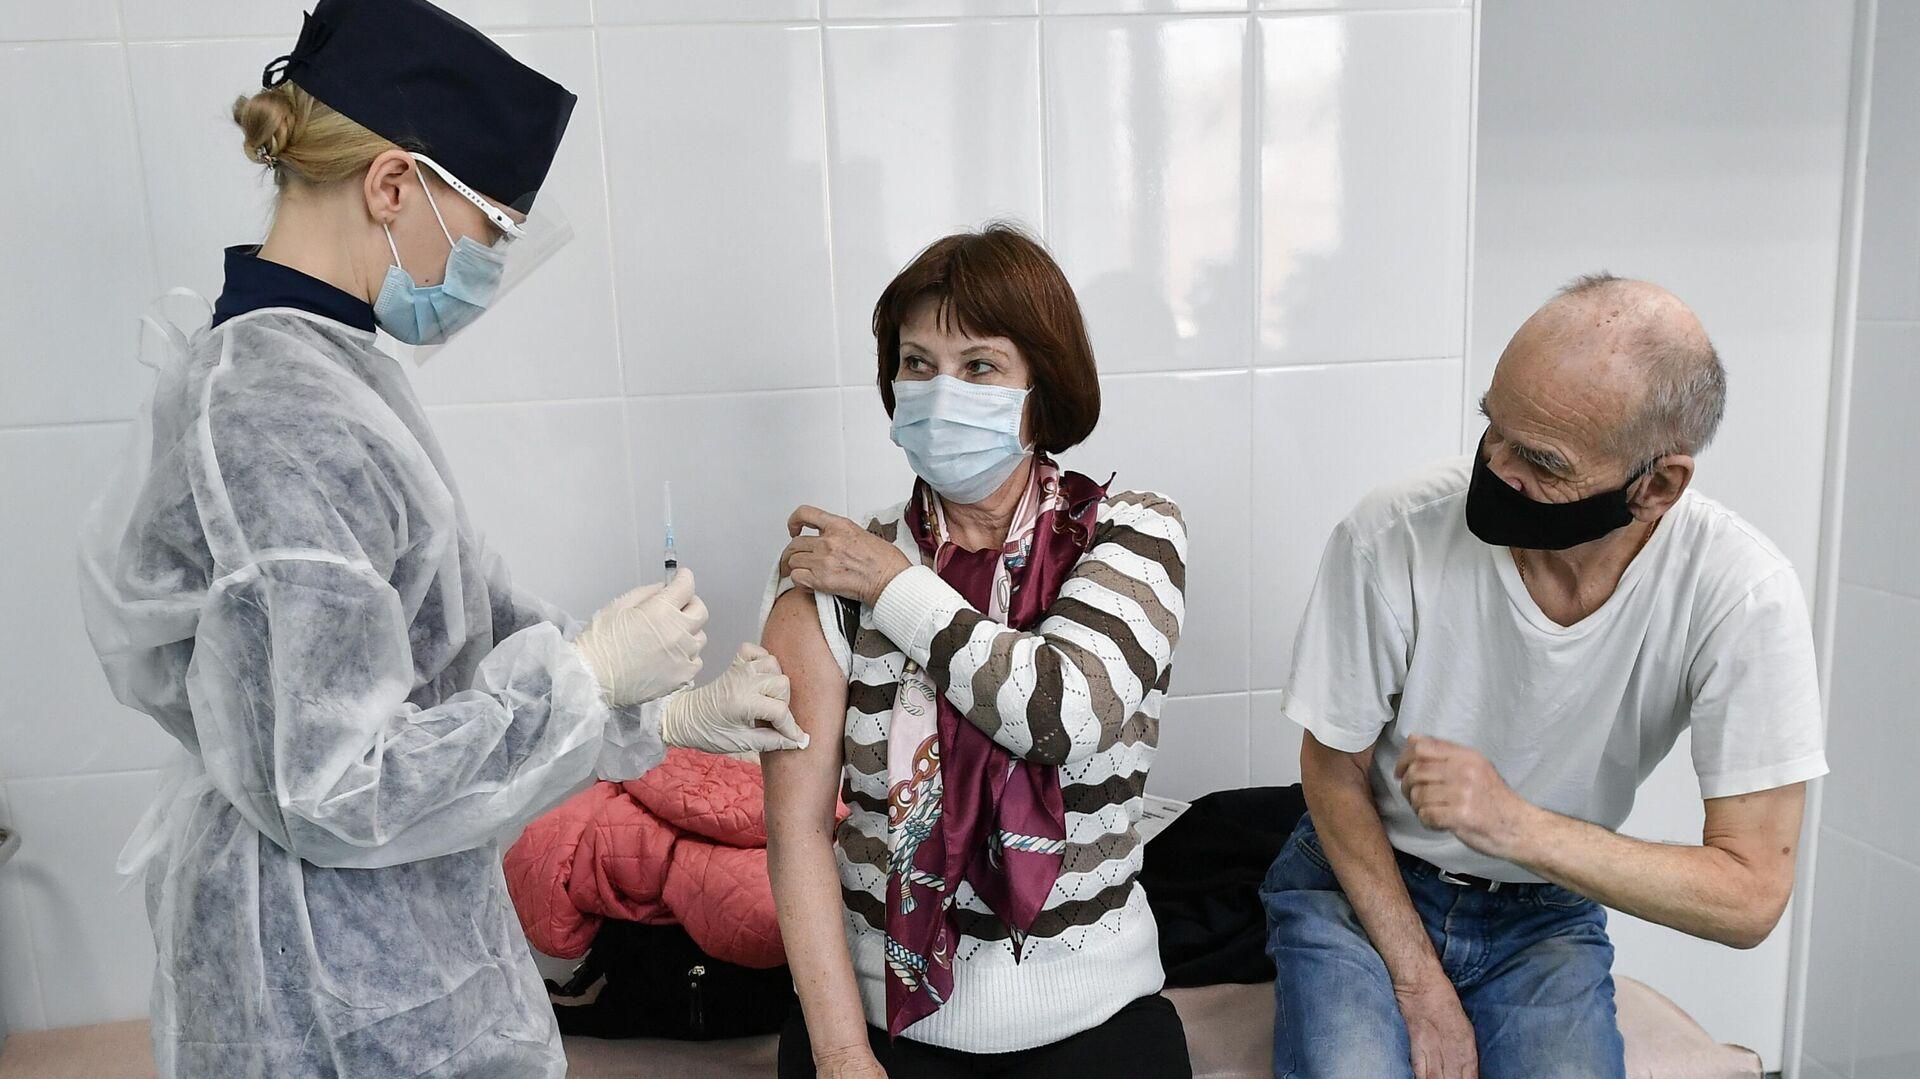 Пациенты во время прививки вакциной Гам-Ковид-Вак (Спутник V) от COVID-19 в 7-й городской поликлинике Симферополя - РИА Новости, 1920, 15.04.2021